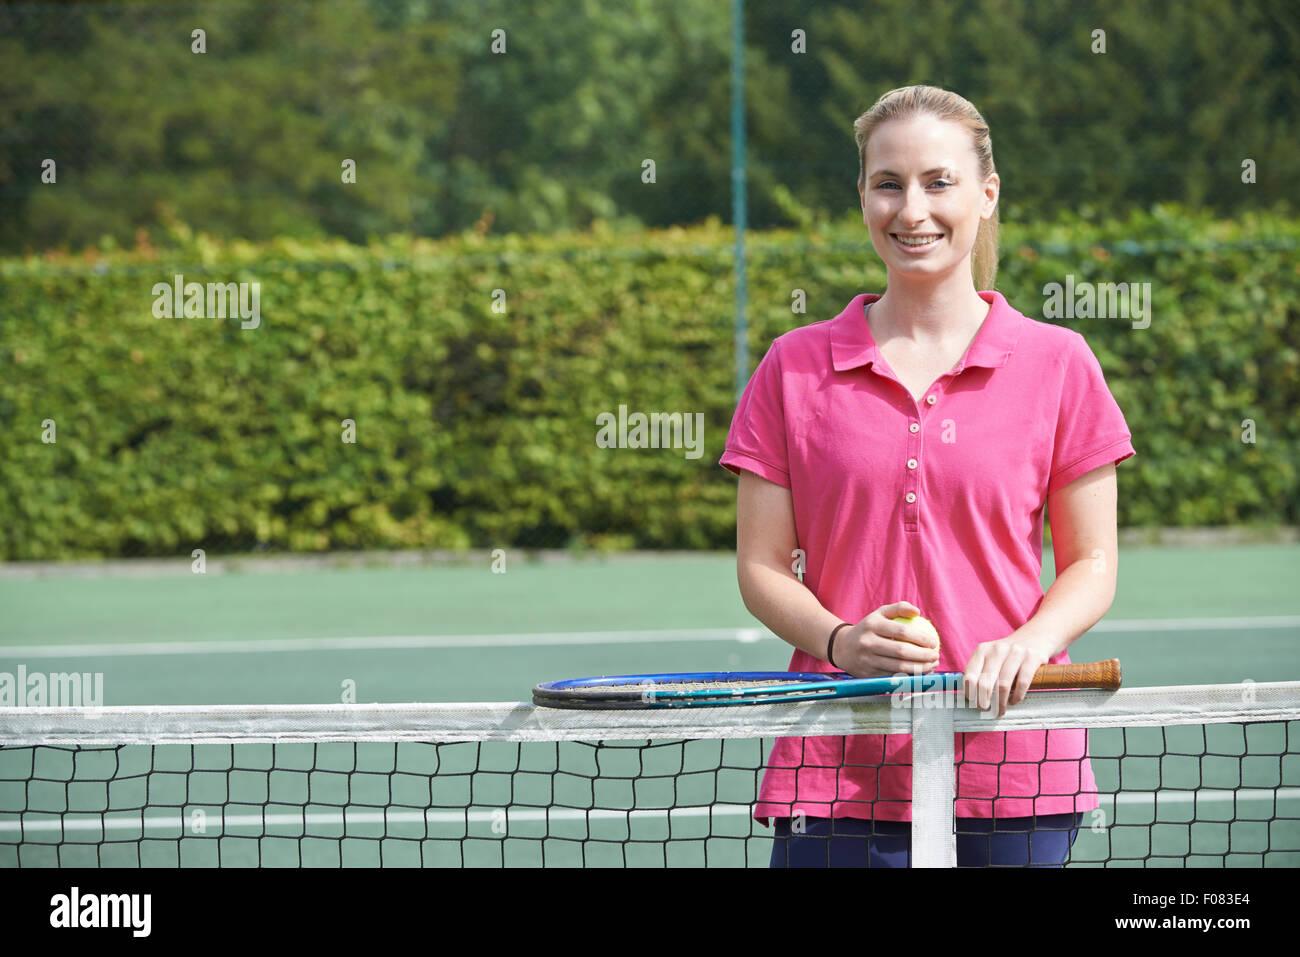 Ritratto di donna Istruttore di Tennis su corte Immagini Stock